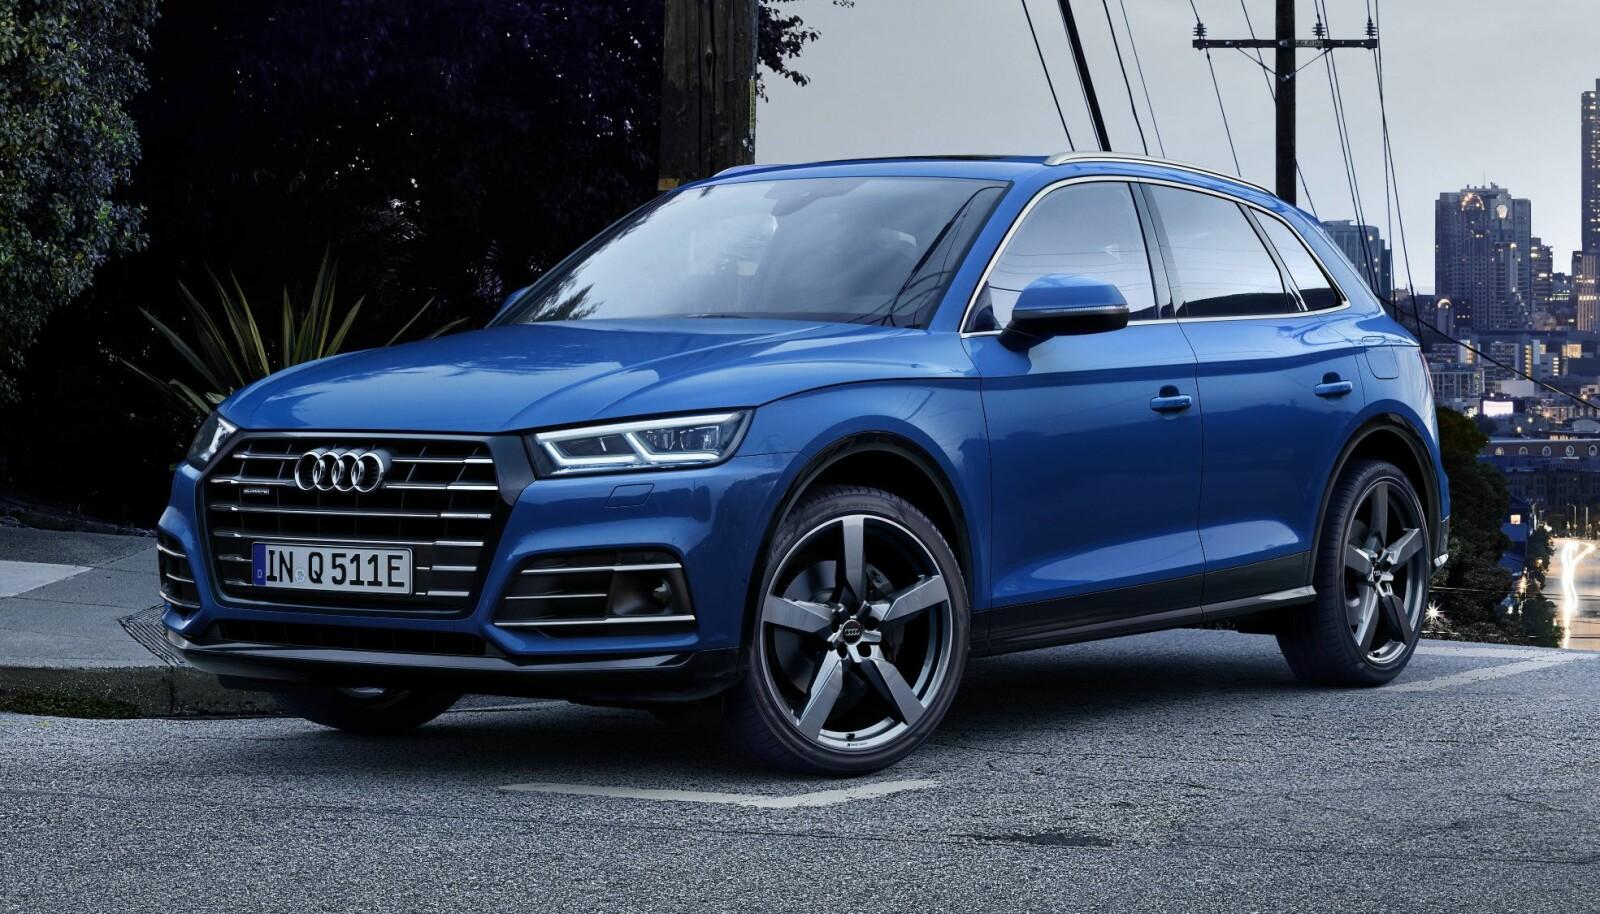 """LADING: """"Audi e-tron Charging Service"""" gir med ett enkelt kort tilgang til 100 000 ladepunkter over hele Europa. Du har full kontroll på ladingen og ladestatus på smarttelefonen din via «myAudi»-appen. Her finner du også forbruksstatistikk og ruteplanlegging med ladepunkter."""